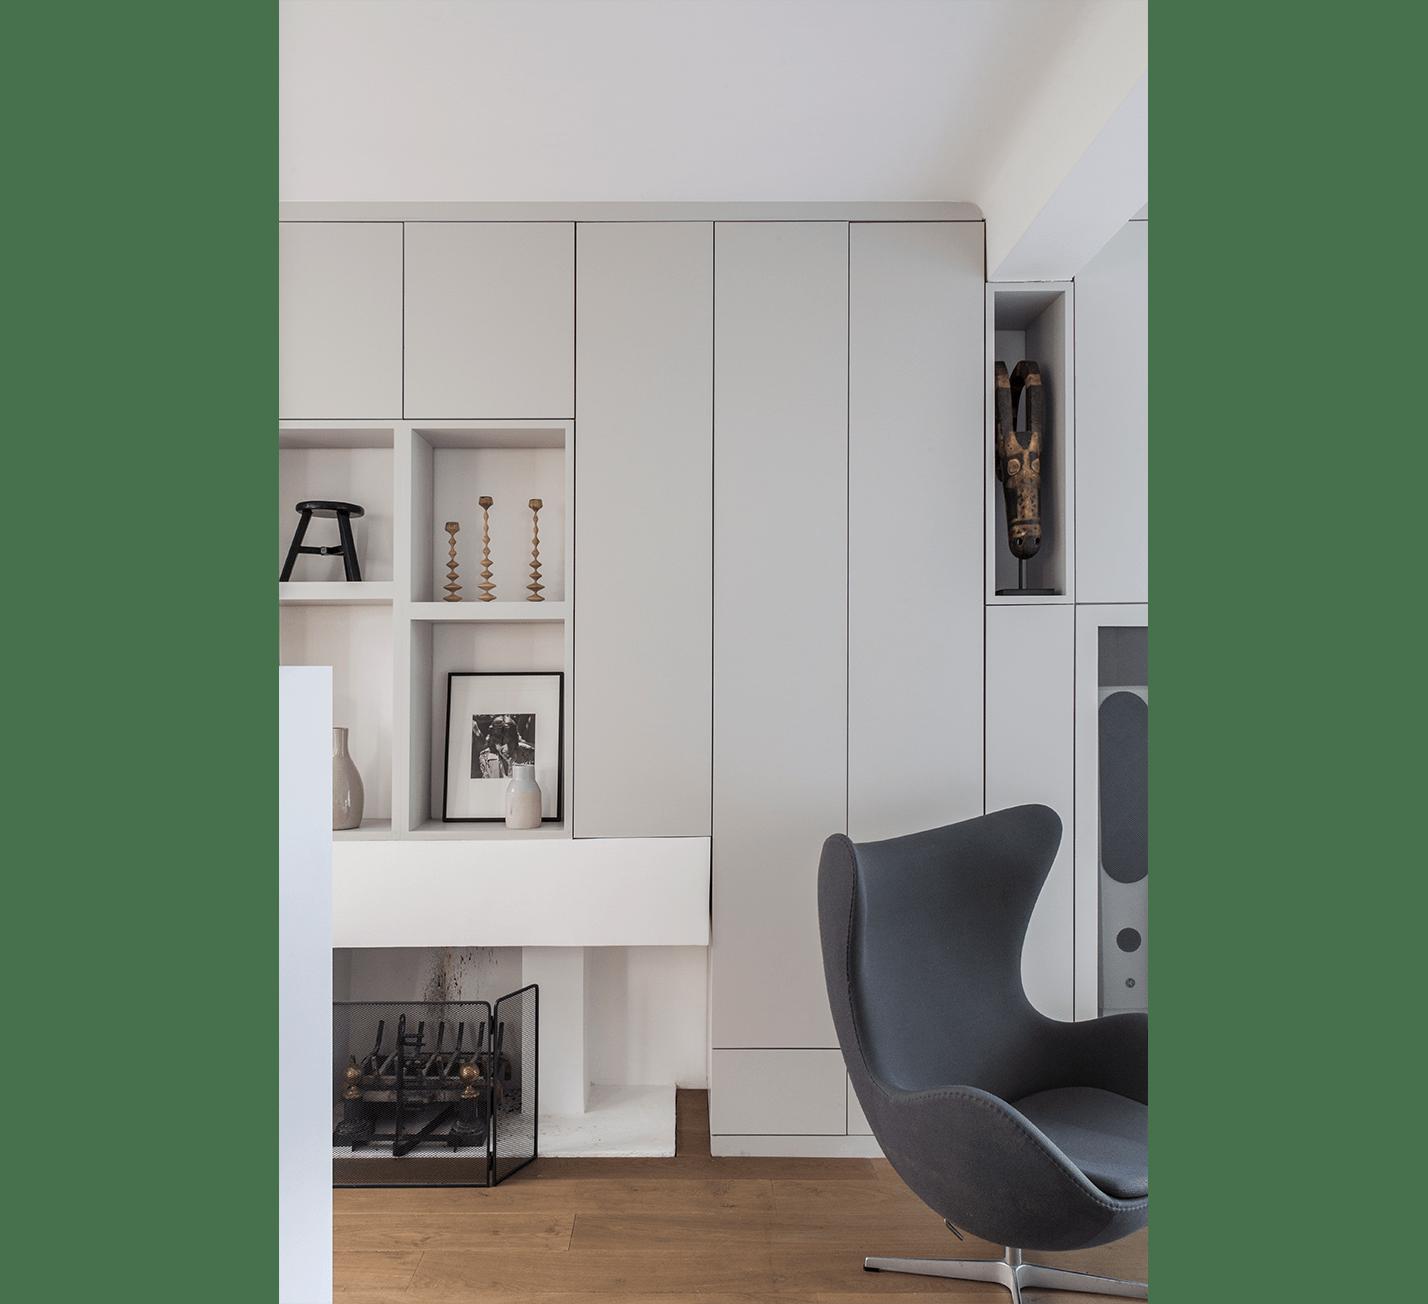 Projet-Square-Chaure-Atelier-Steve-Pauline-Borgia-Architecture-interieur-10-min